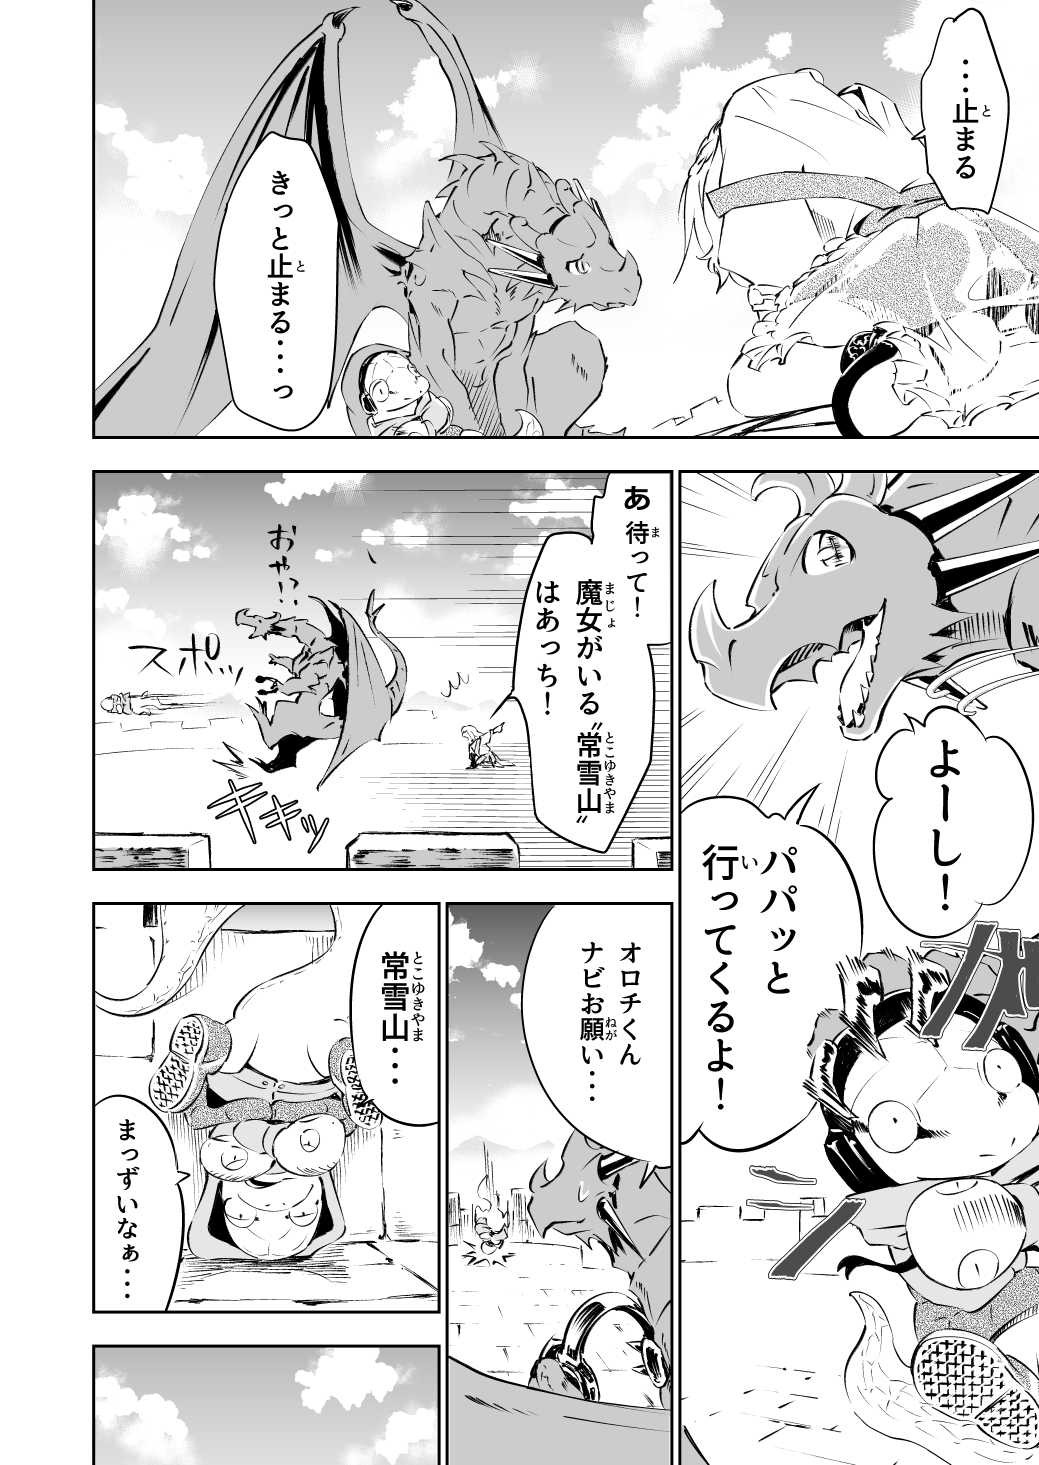 インターン召喚獣_013.jpg